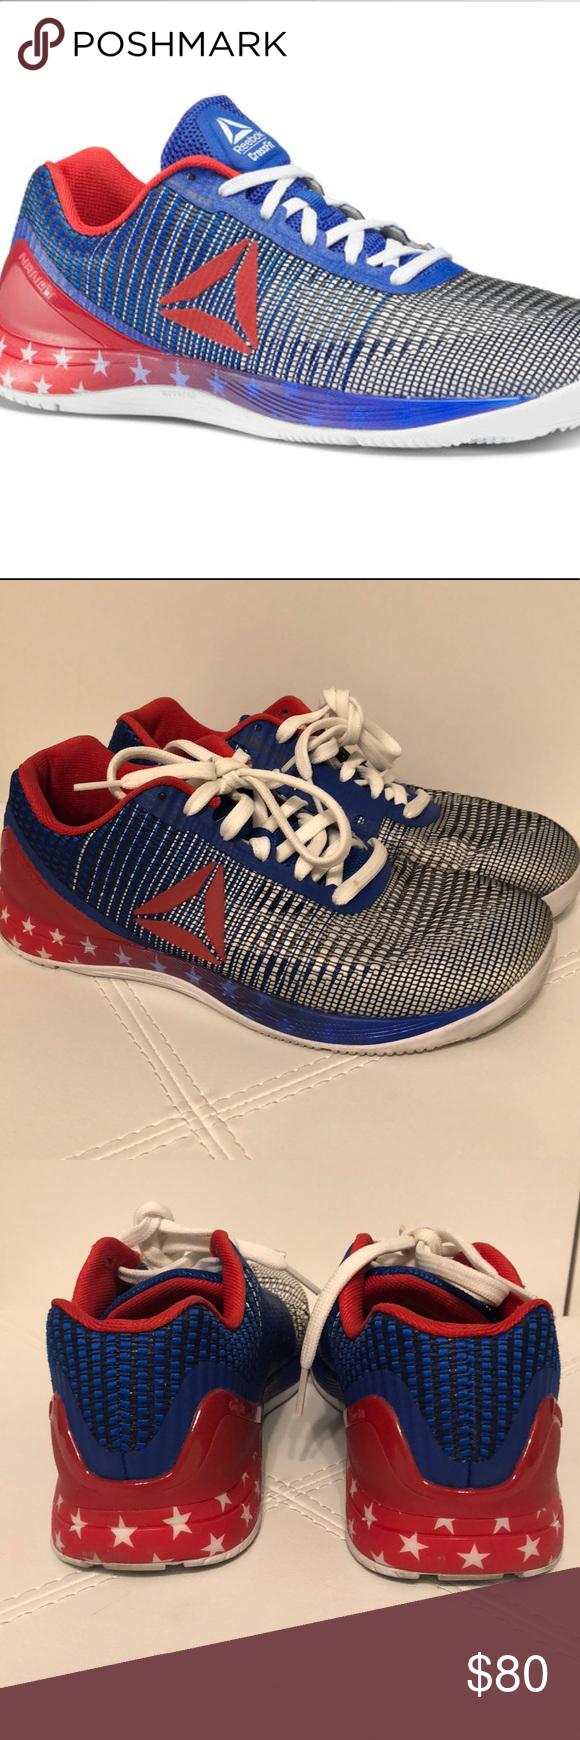 Crossfit Nano 7 weave shoes Women's size 9. Crossfit Reebok